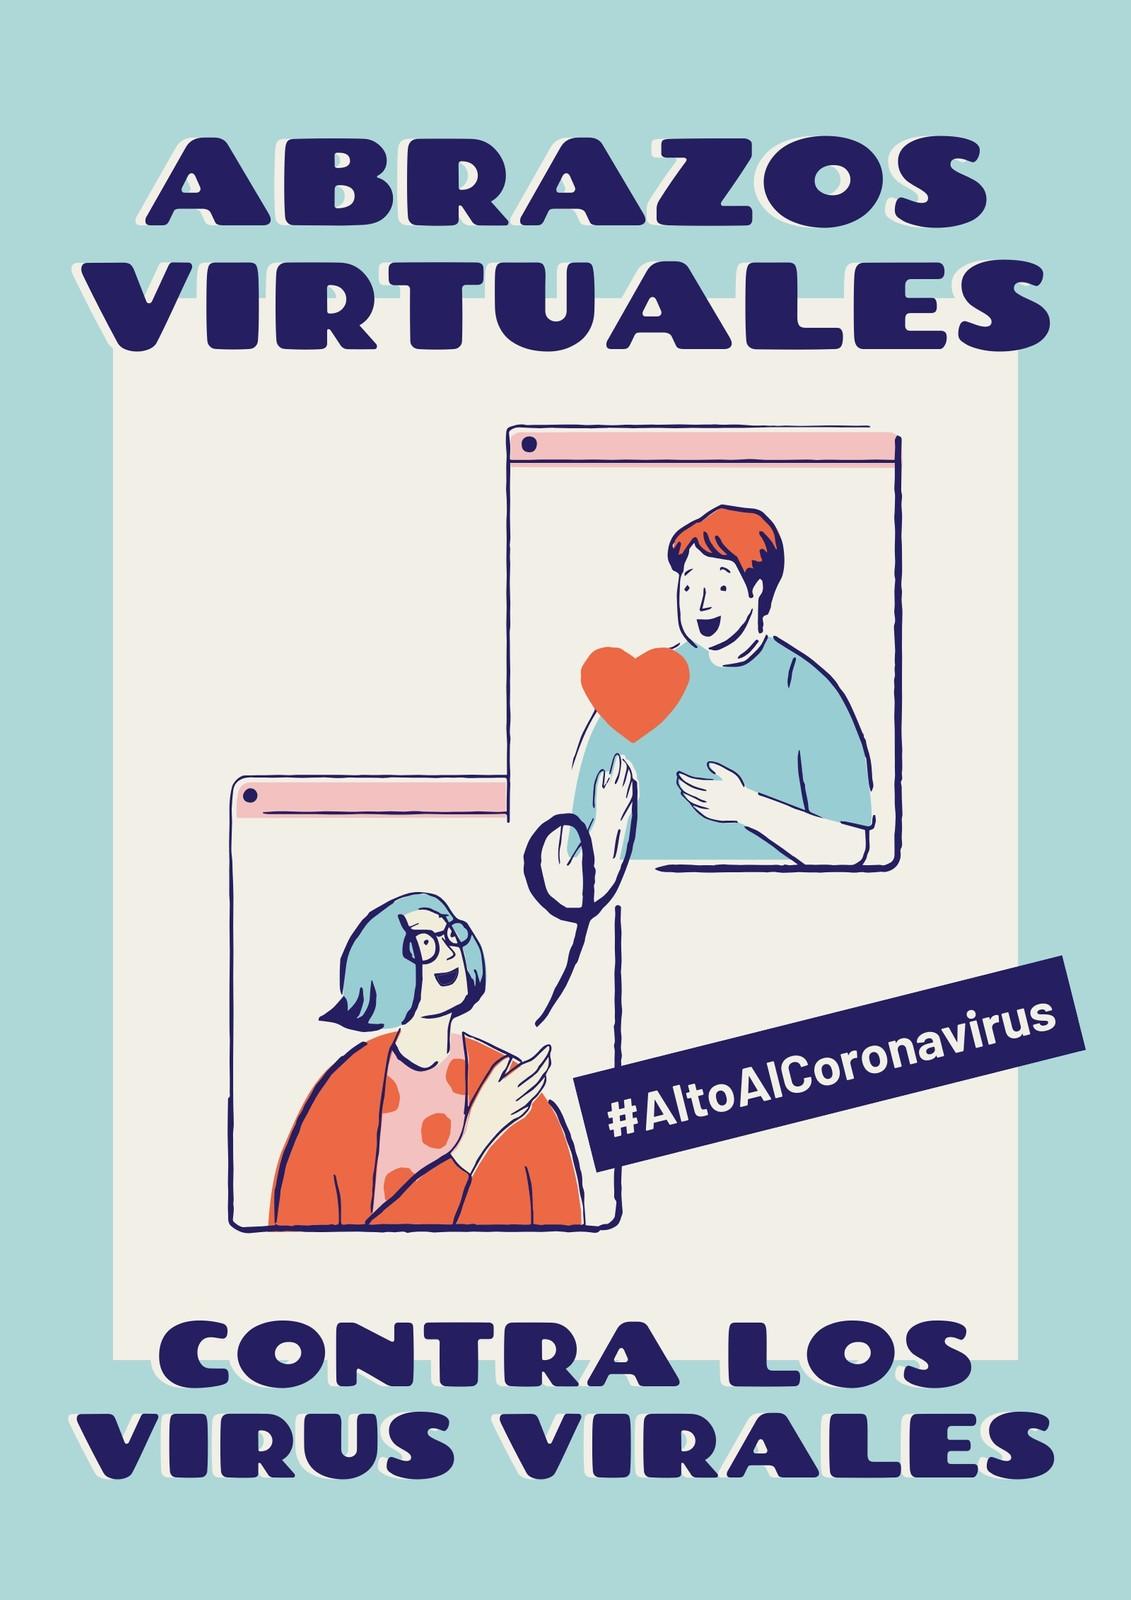 Alto Al Coronavirus Abrazos Virtuales Contra Los Virus Virales Azul y Crema Póster